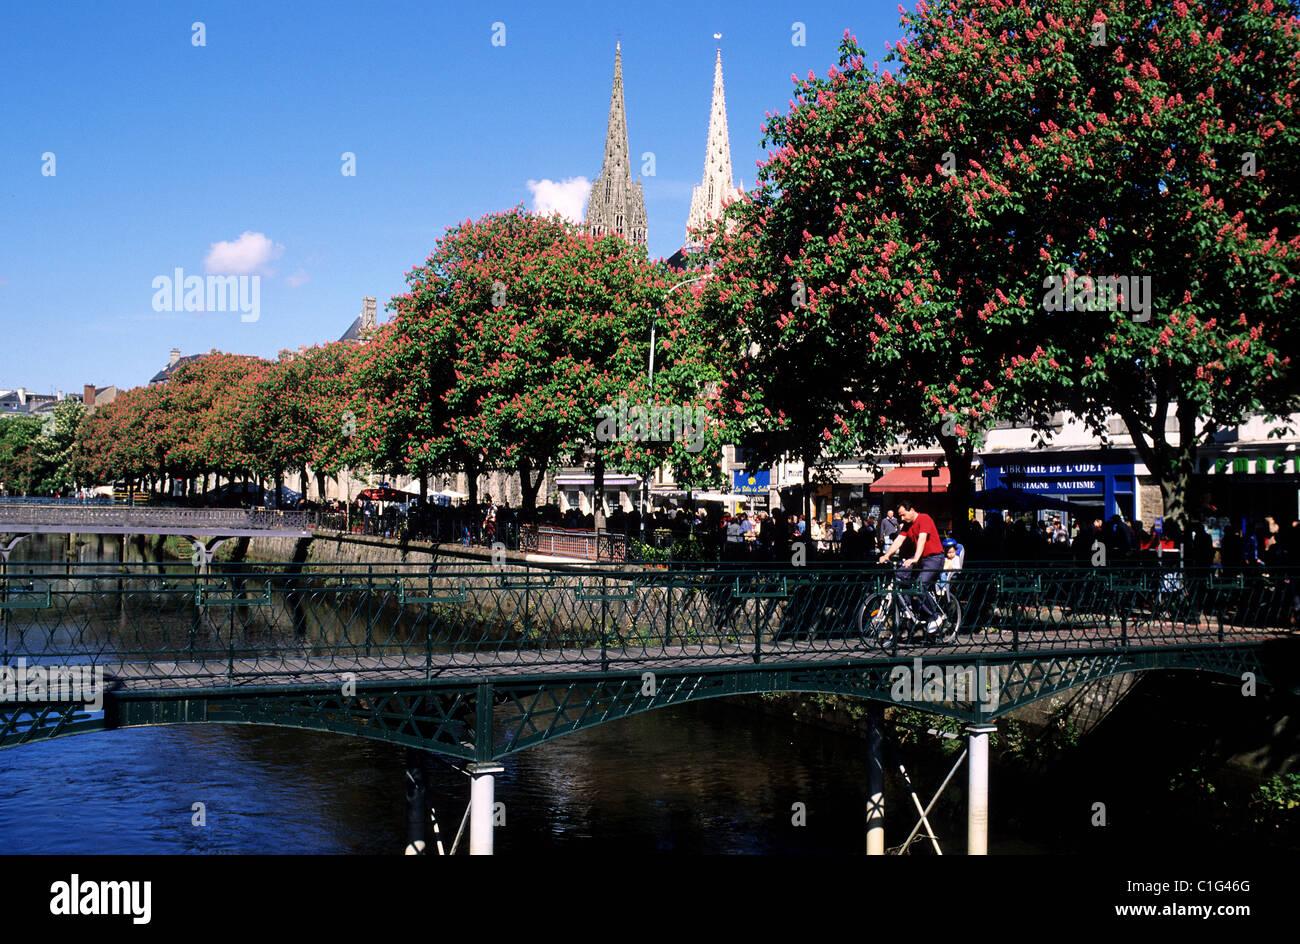 France, Finistere, Quimper town, footbridge spanning the Odet river - Stock Image